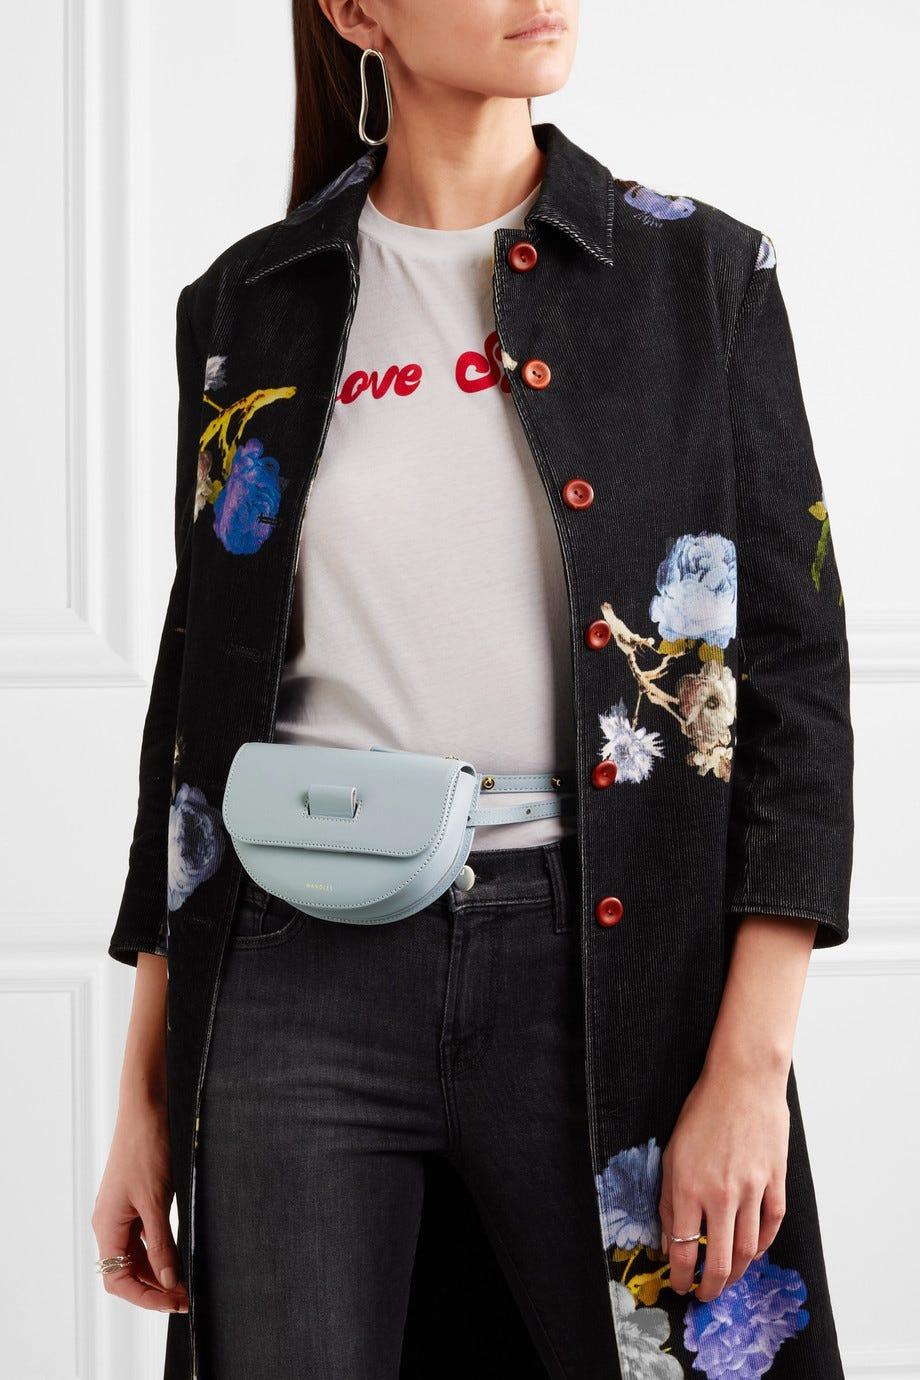 63c745be59cc Cute Bum Bags, Fanny Packs, Small Travel Bag Trend